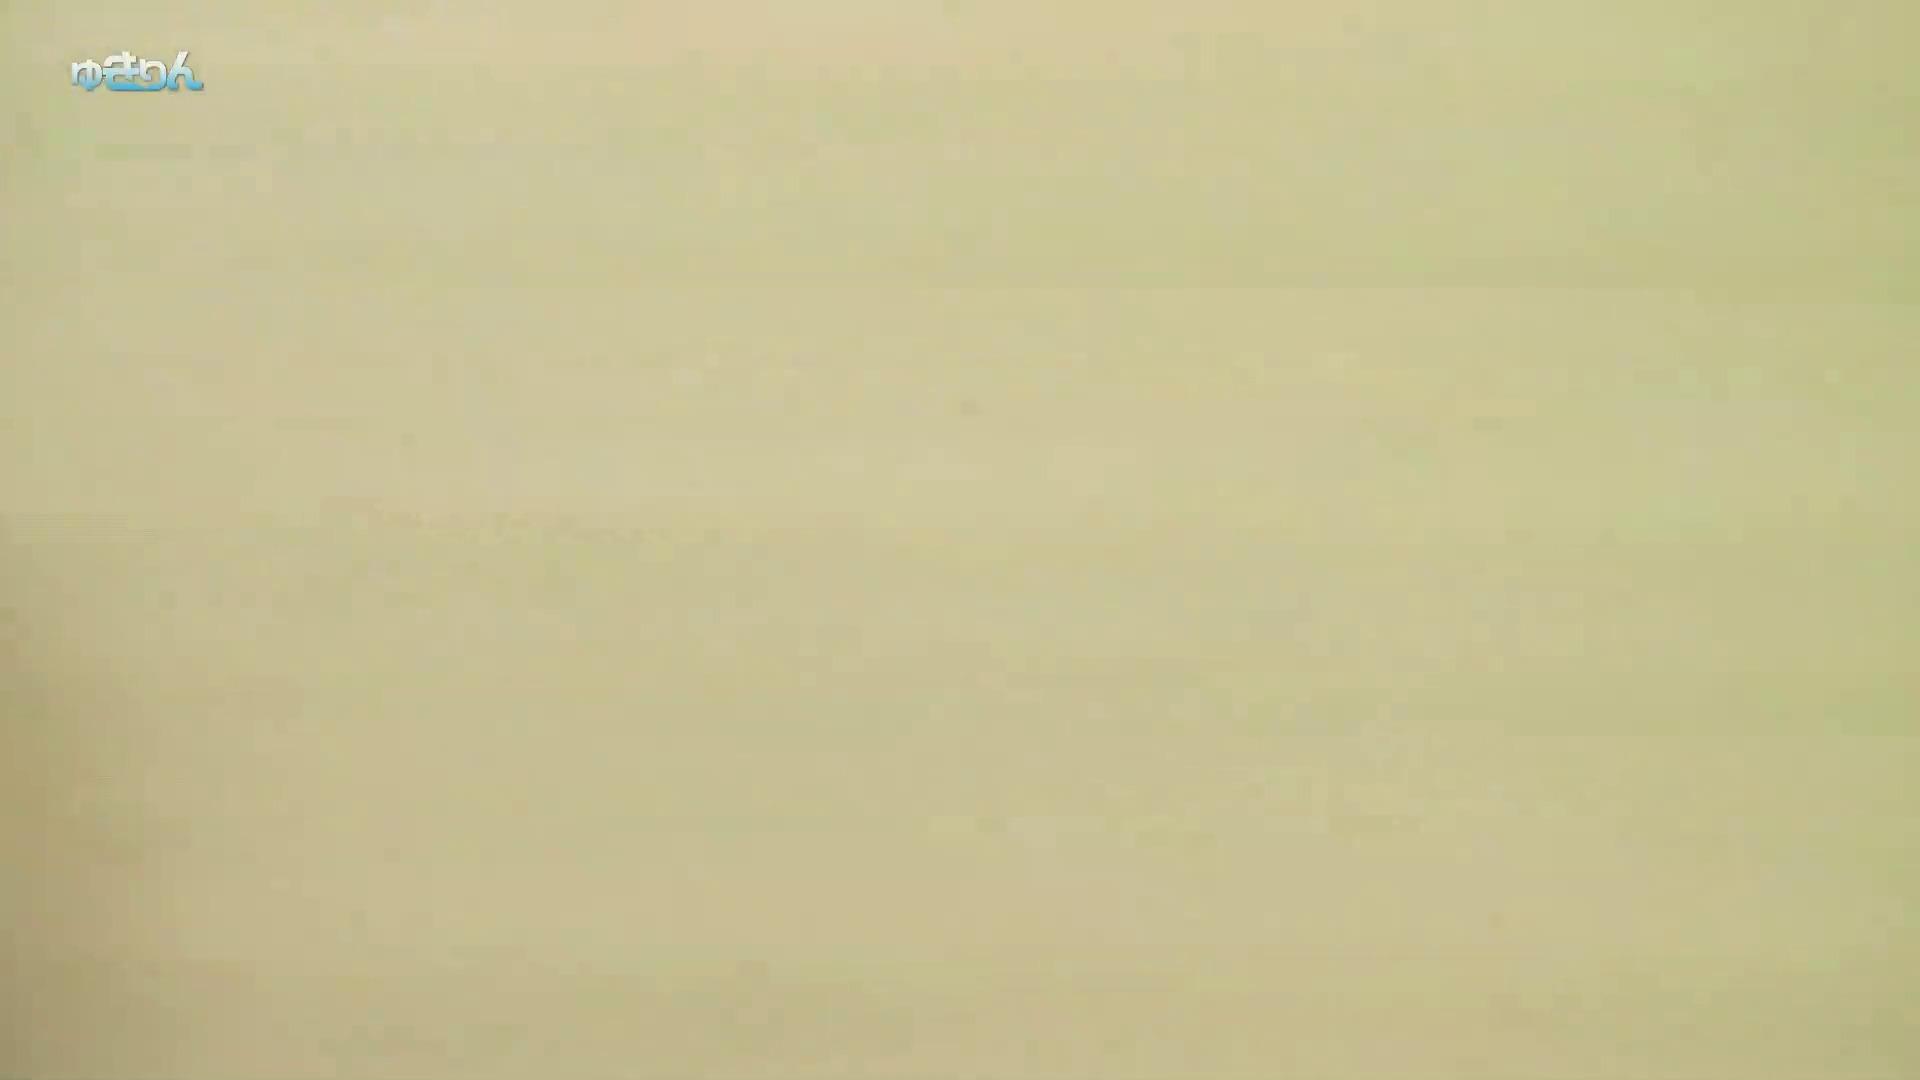 新世界の射窓 No81 制月反さん登場!! ギャル達 AV動画キャプチャ 89枚 8